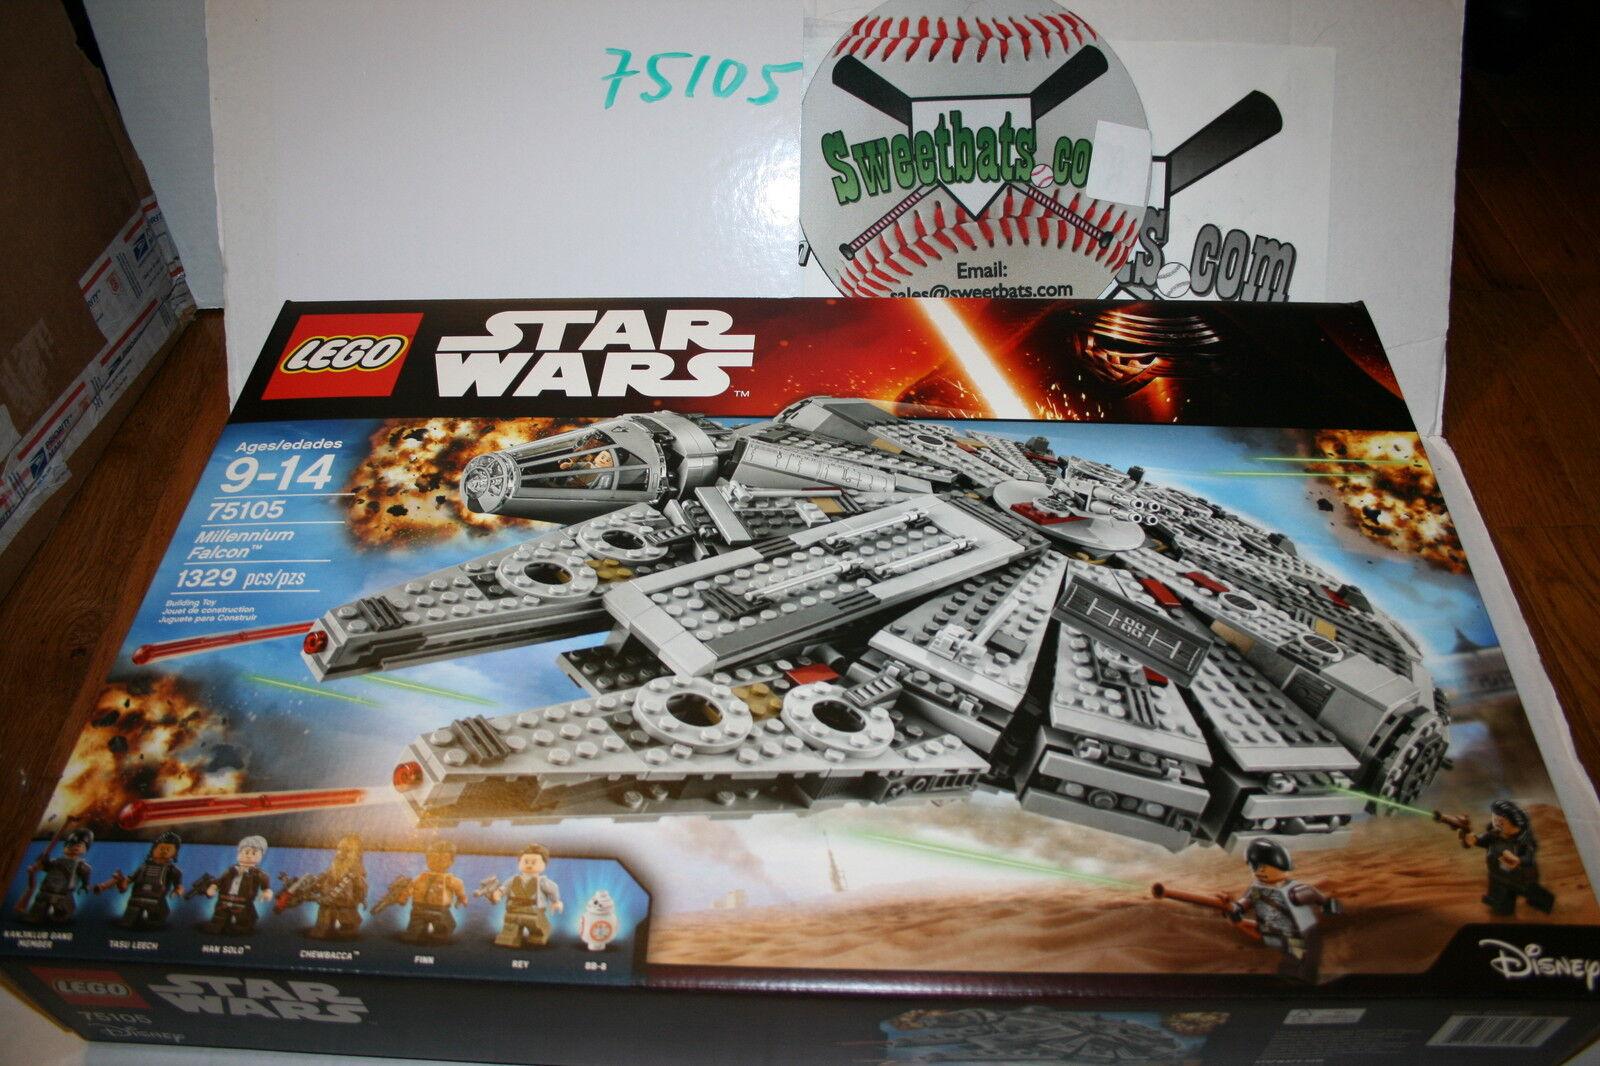 Lego star wars millennium - falken im neuen nib 75105 1329 pcs han solo weich